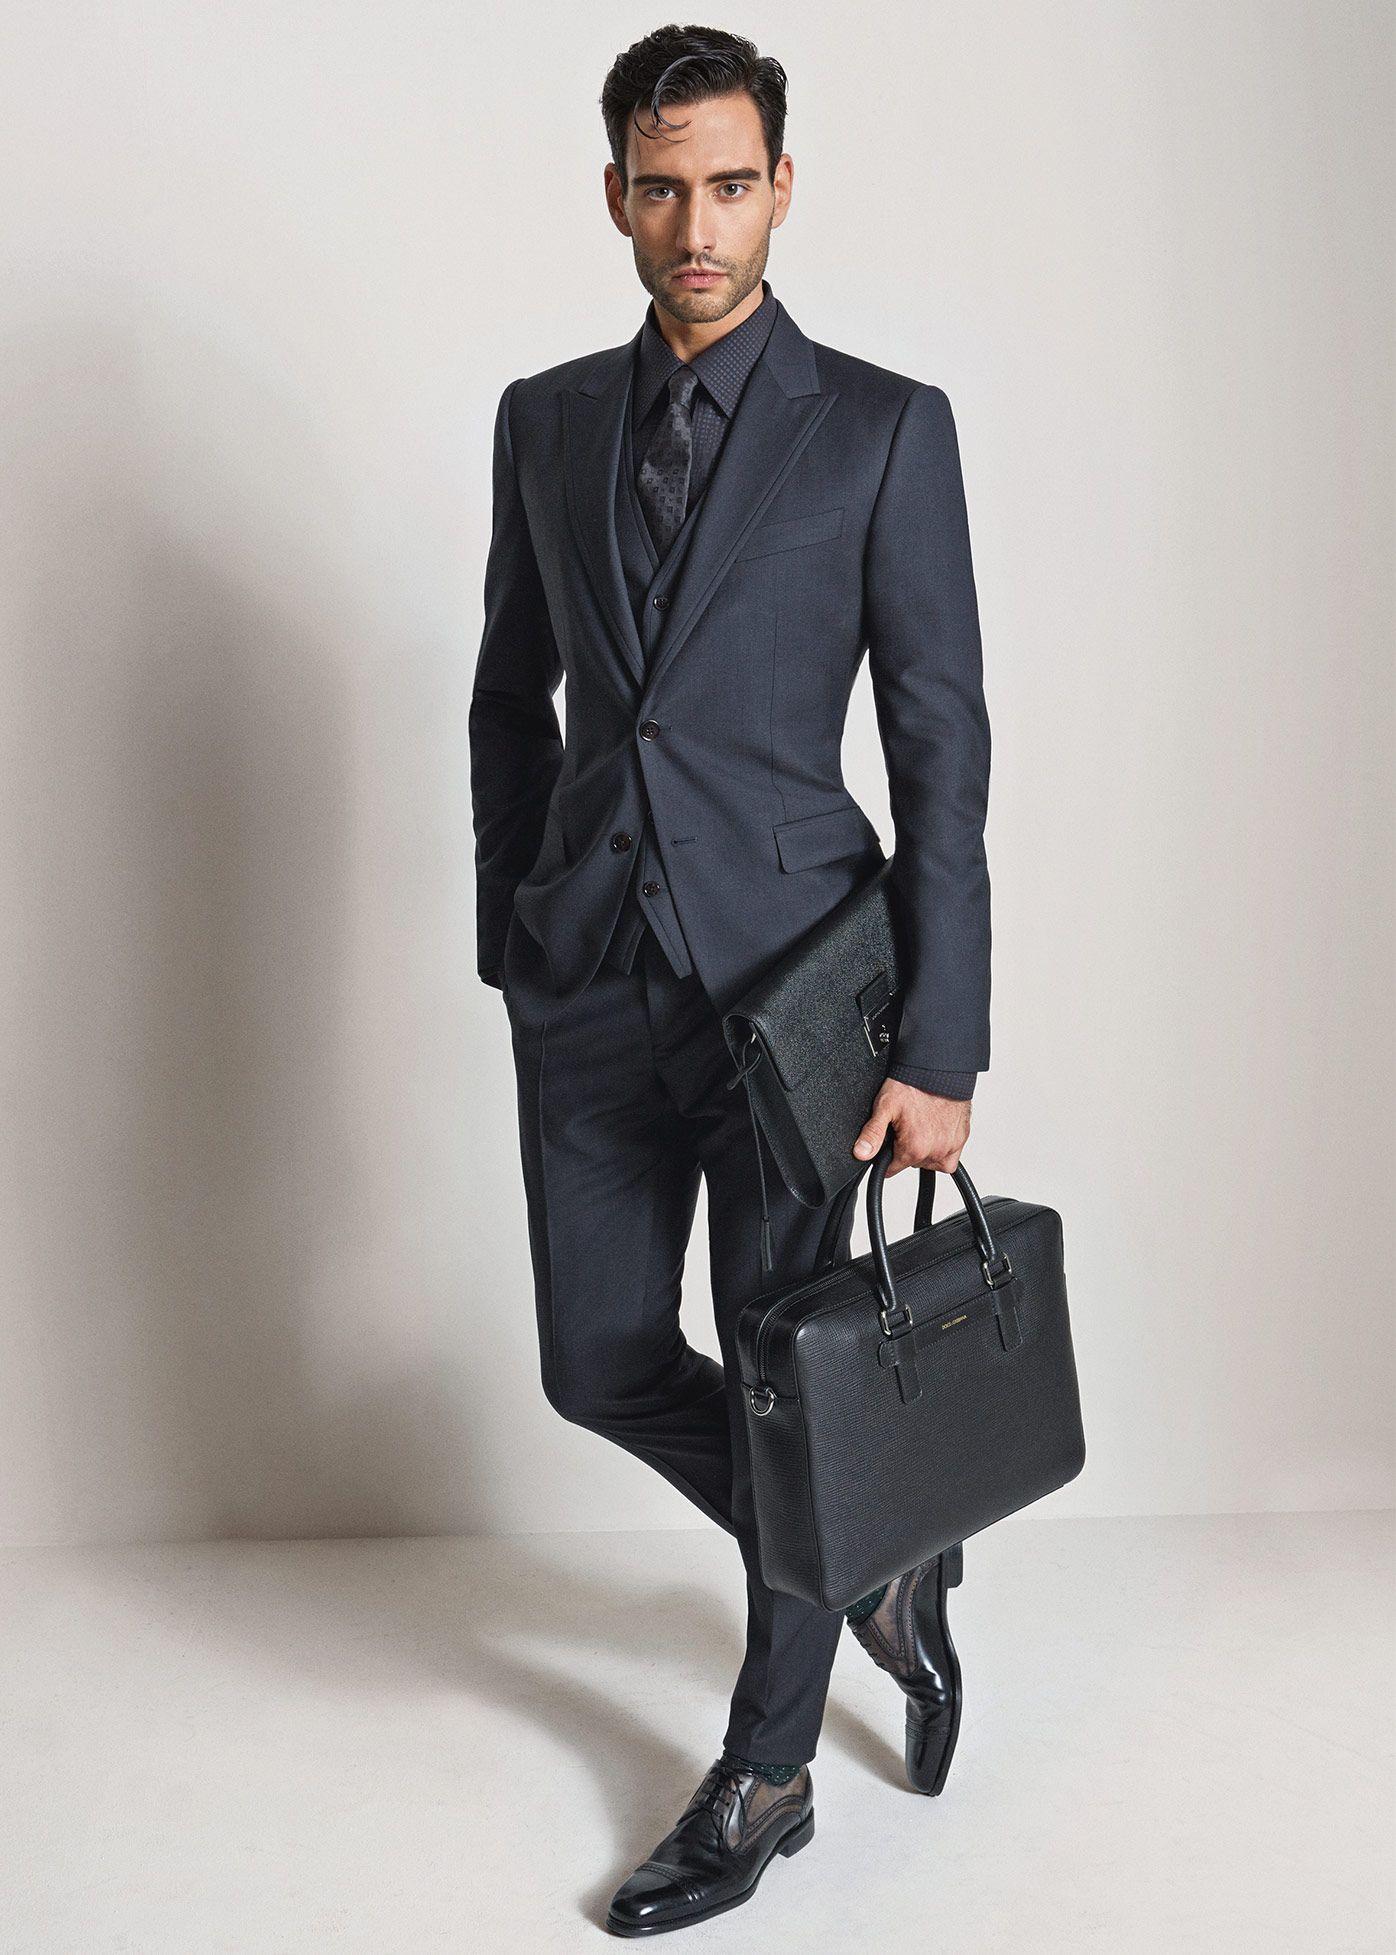 59791f15fb Dolce & Gabbana Abbigliamento Uomo Inverno 2016 | Pasidivat ...